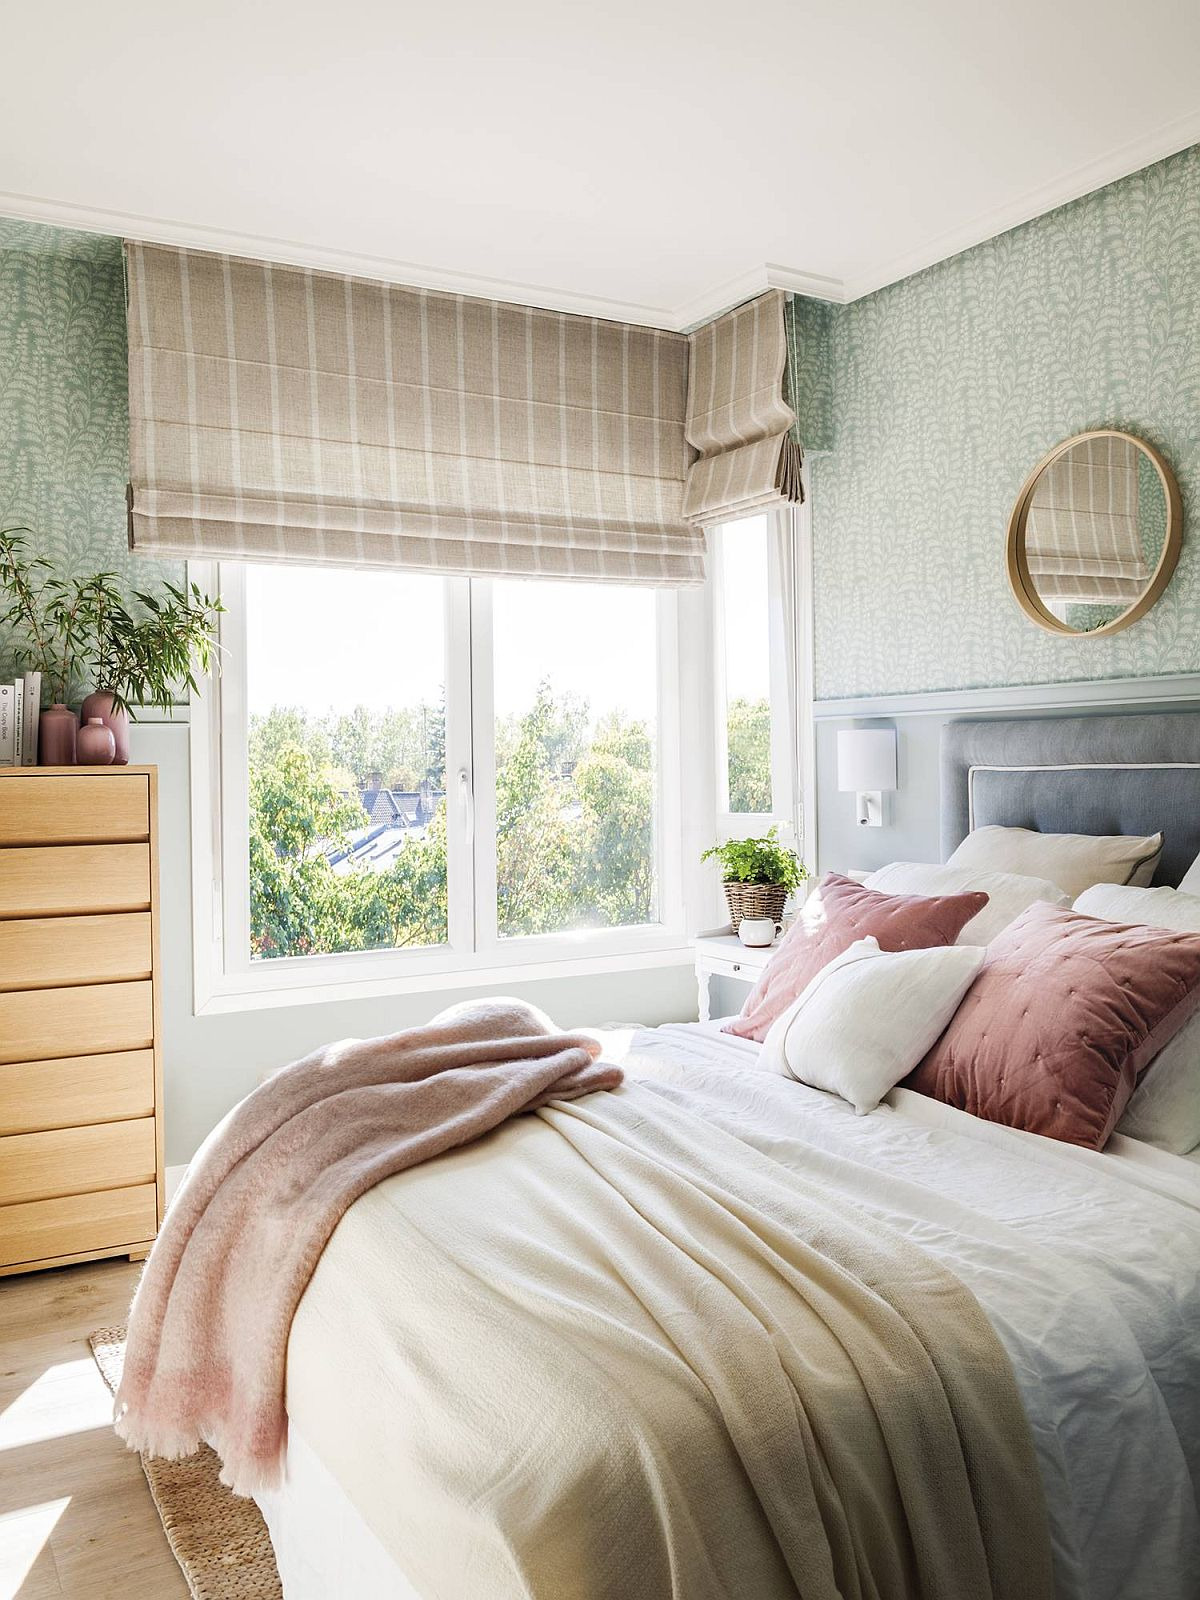 adelaparvu.com despre amenajare locuinta urbana luminoasa, design Sube Susaeta Interiorismo, Foto Philips Scheffel ElMueble, Sube Susaeta Interiorismo (10)